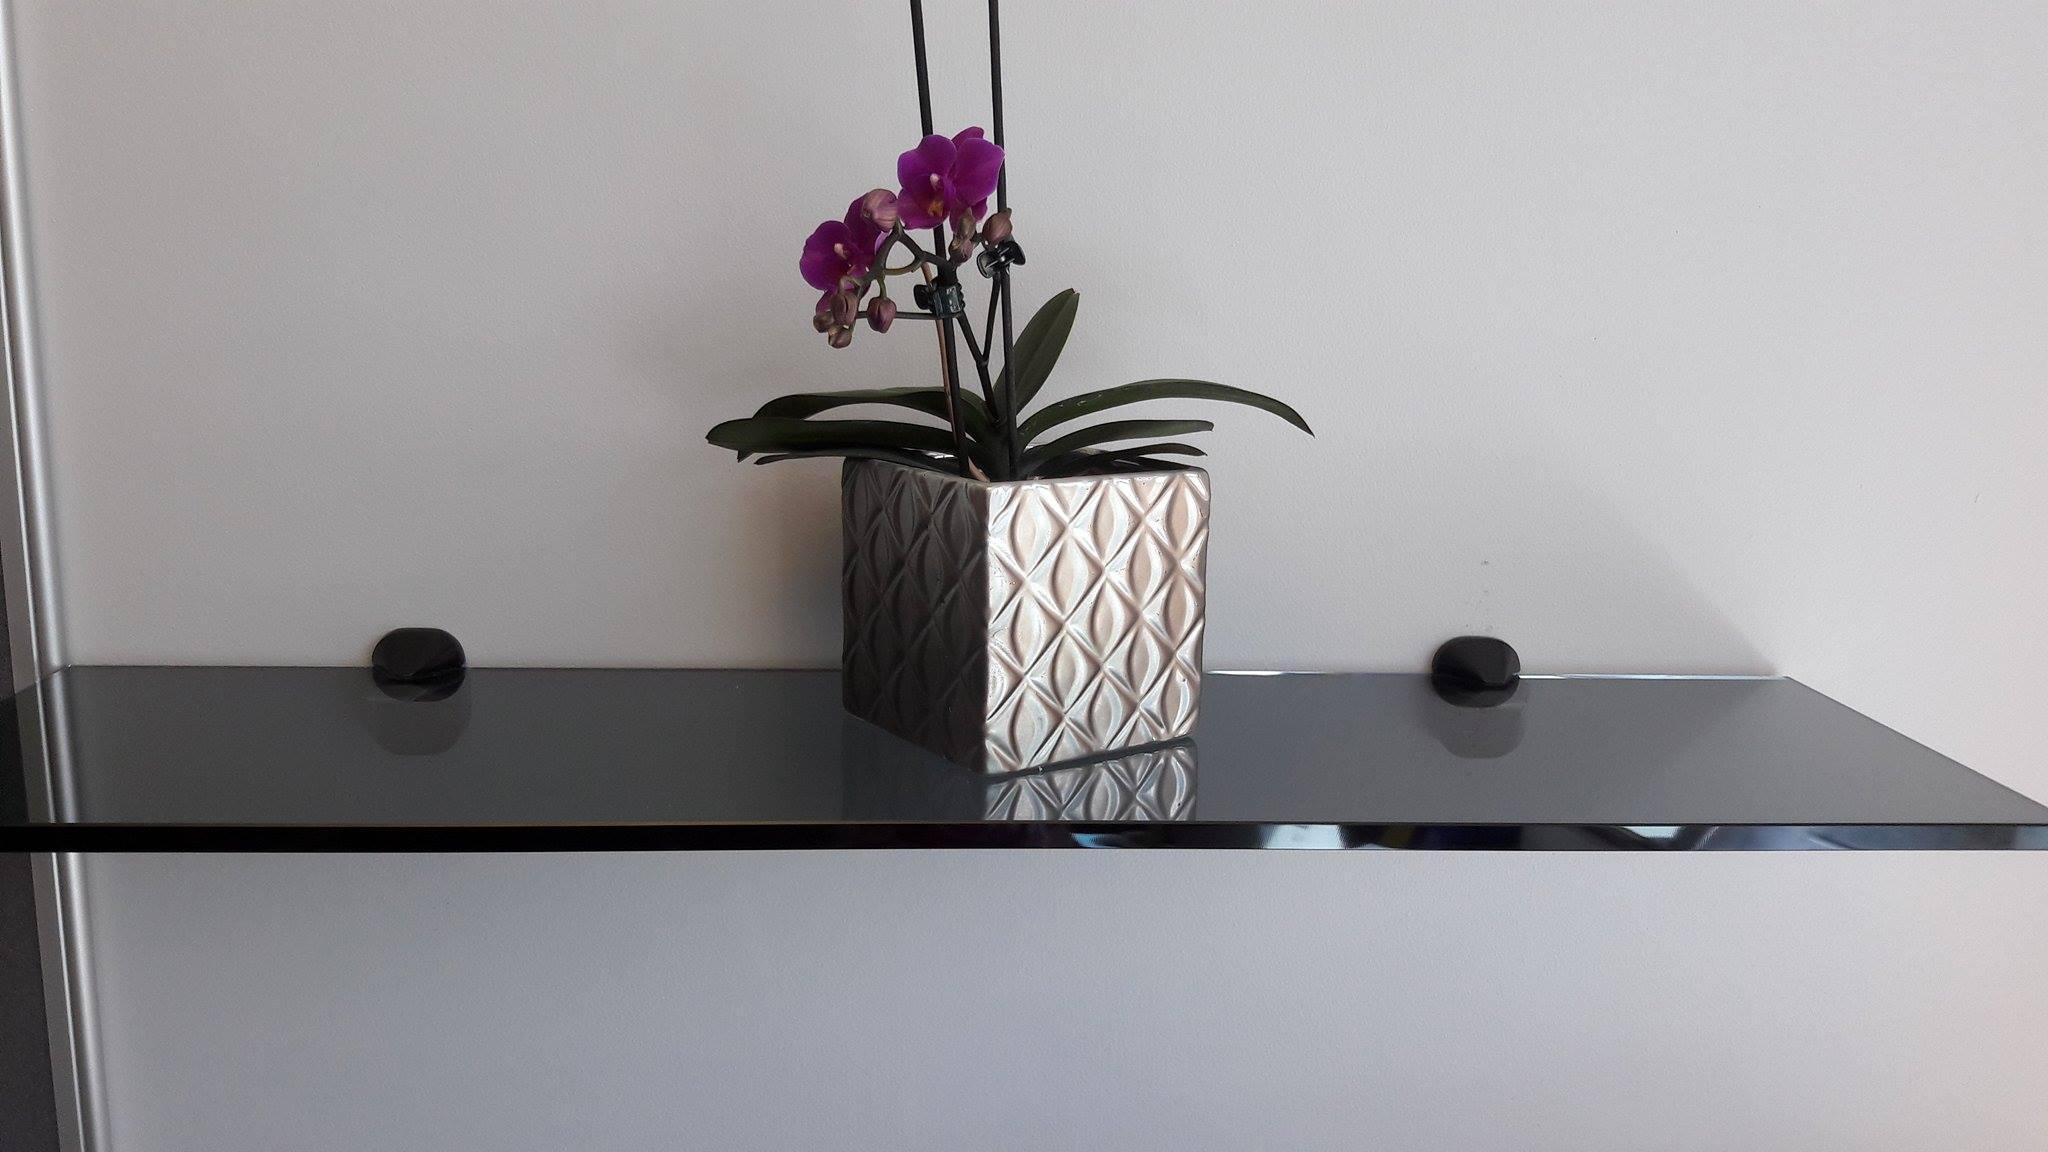 vase on shelf